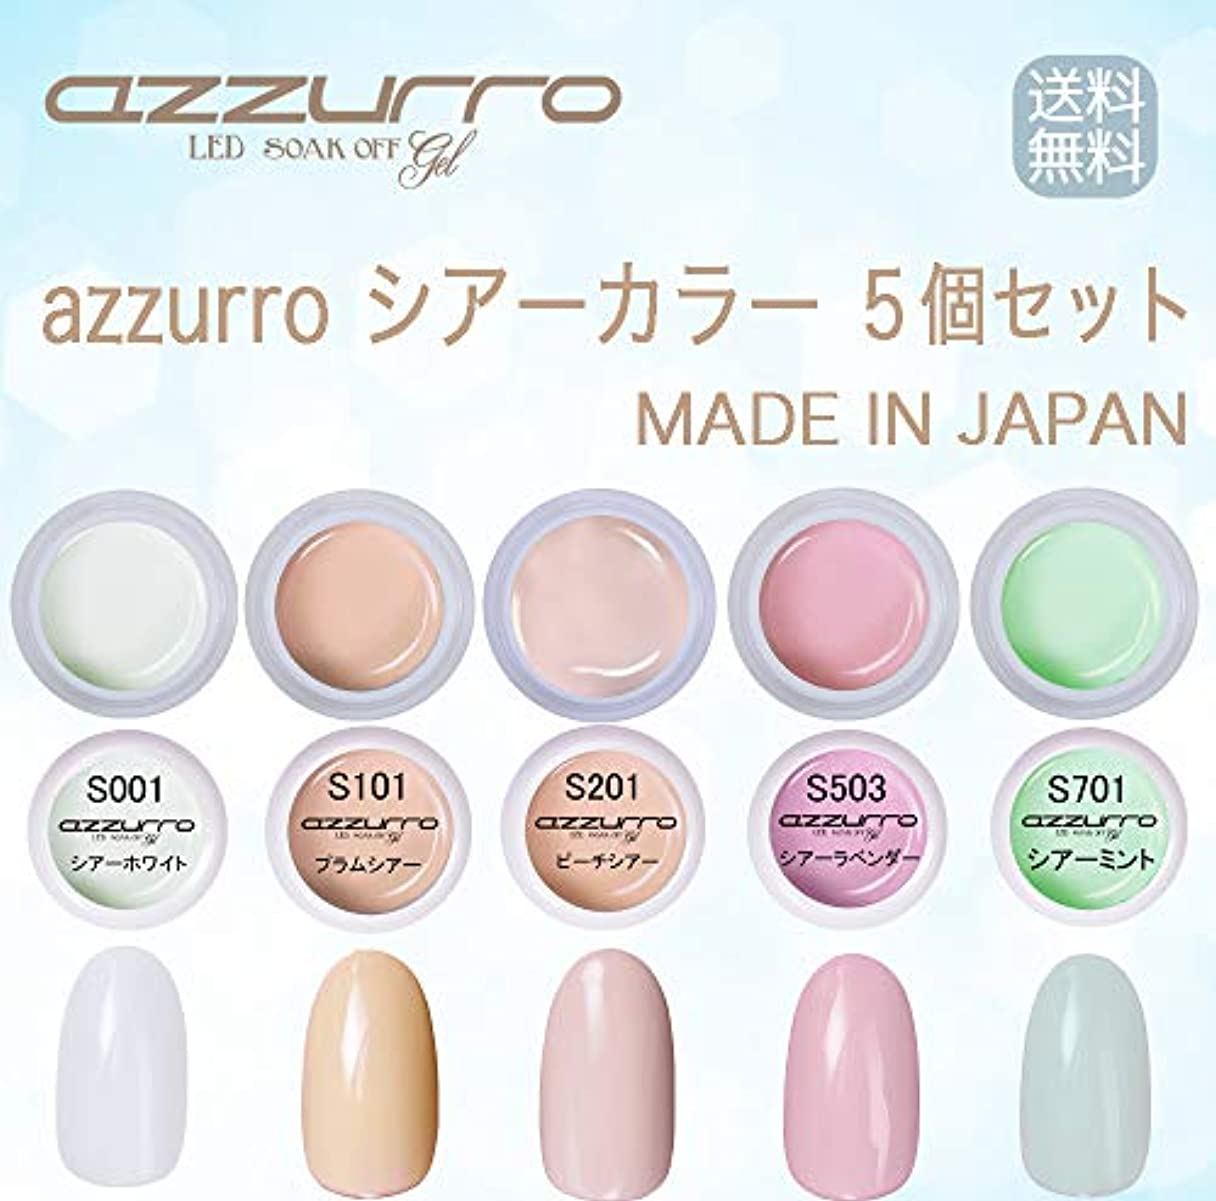 心配世界の窓ボルト【送料無料】日本製 azzurro gel シアー カラージェル5個セット グラデーションにもピッタリなカラー